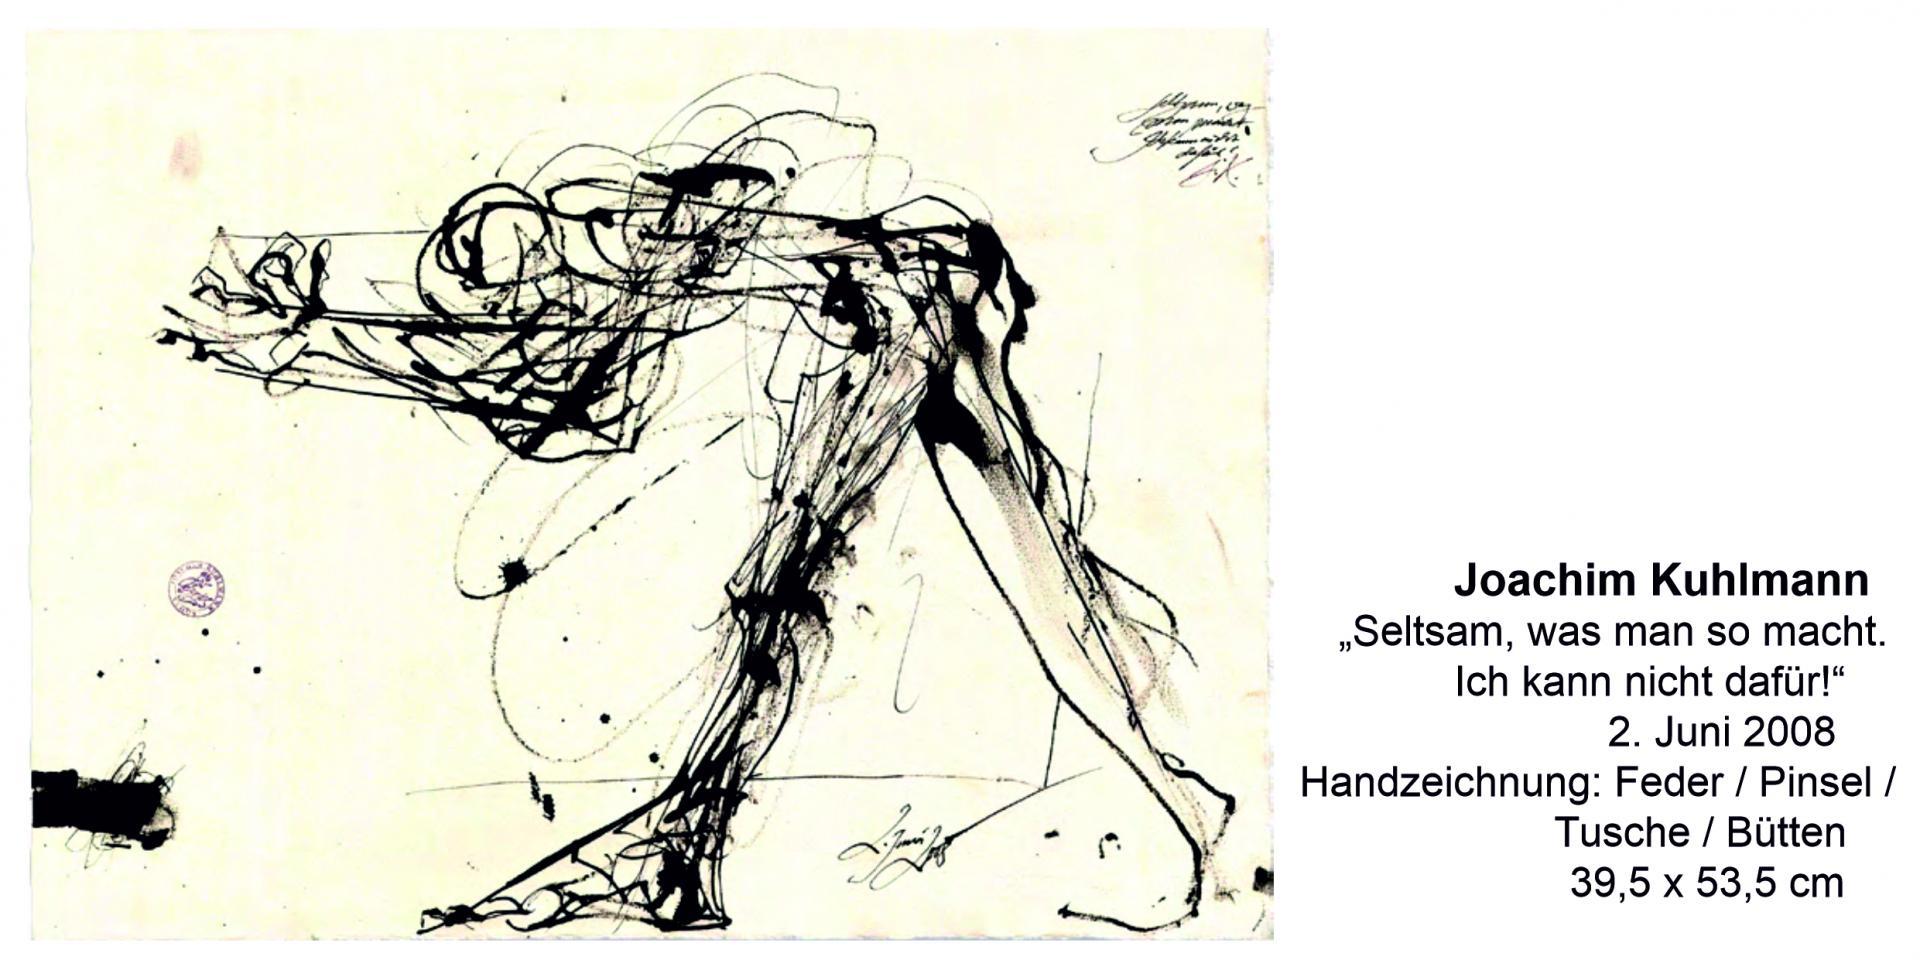 Joachim Kuhlmann Handzeichnung